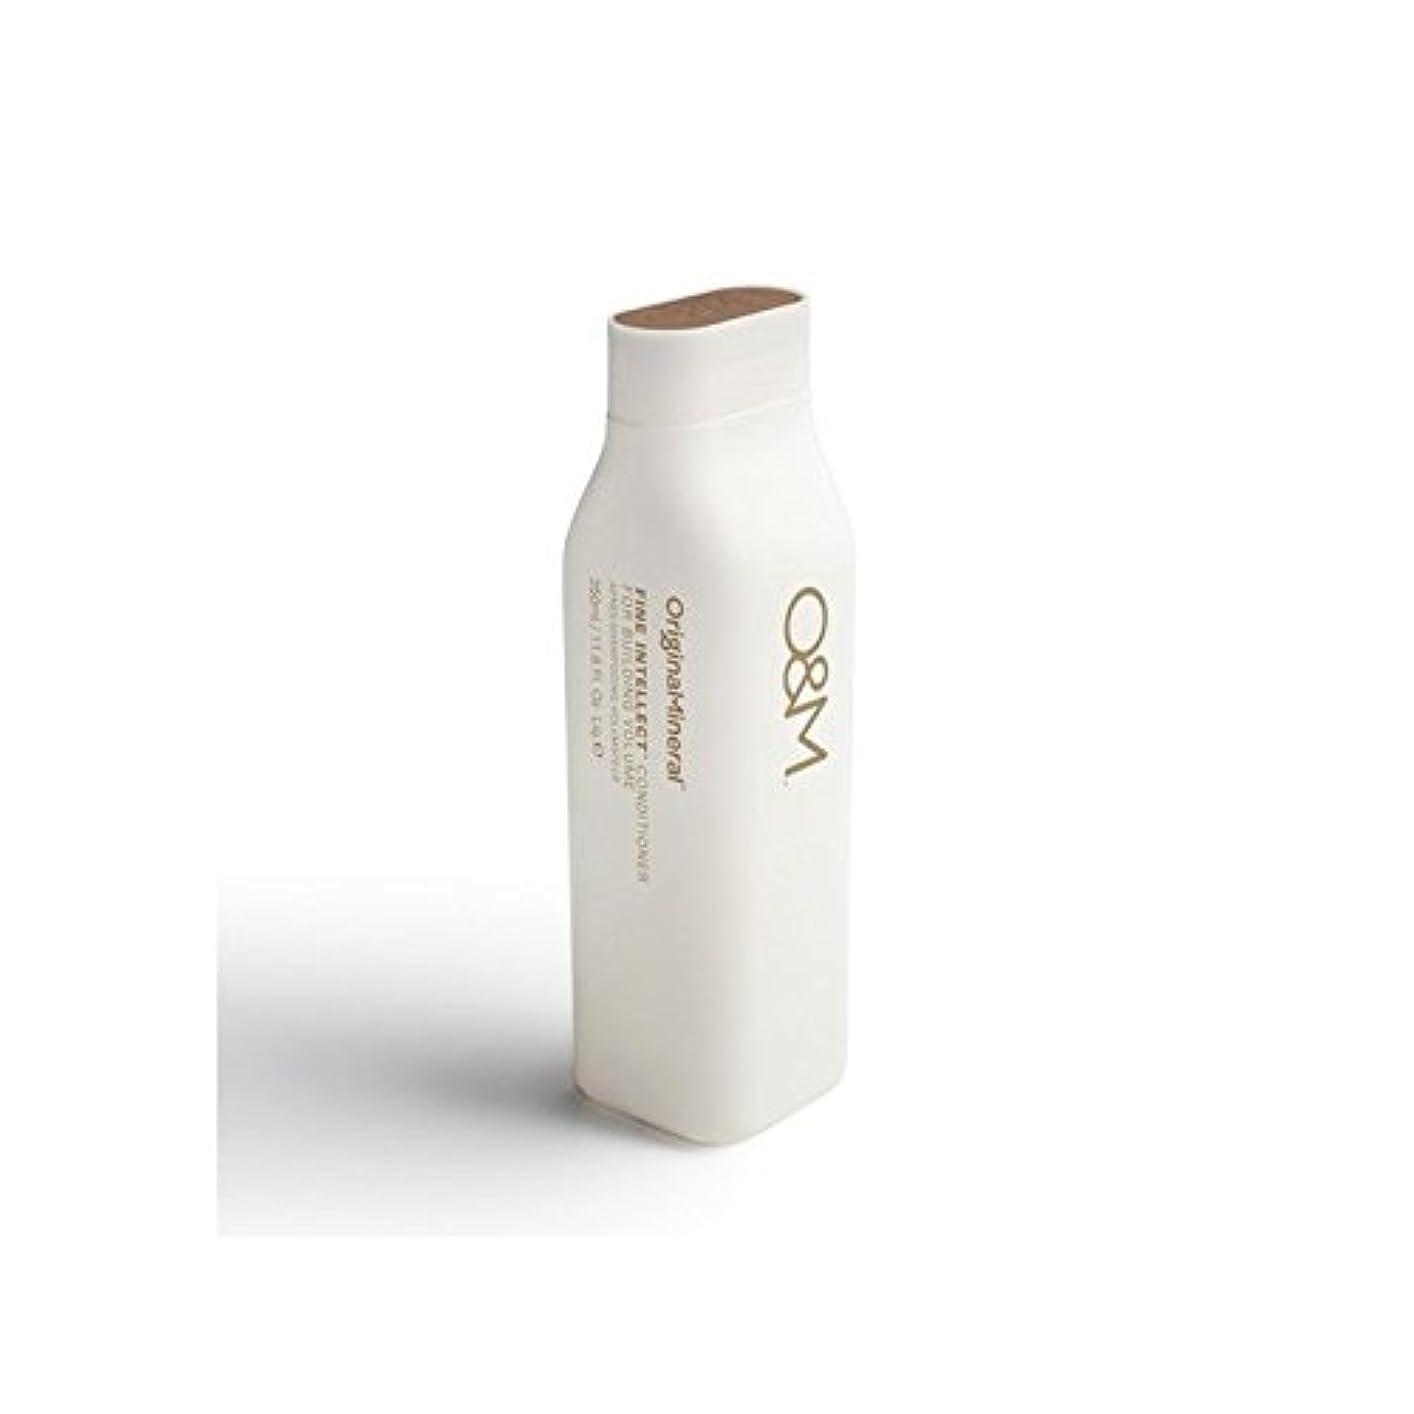 十分です密輸あごひげオリジナル&ミネラル細かい知性コンディショナー(350ミリリットル) x2 - Original & Mineral Fine Intellect Conditioner (350ml) (Pack of 2) [並行輸入品]